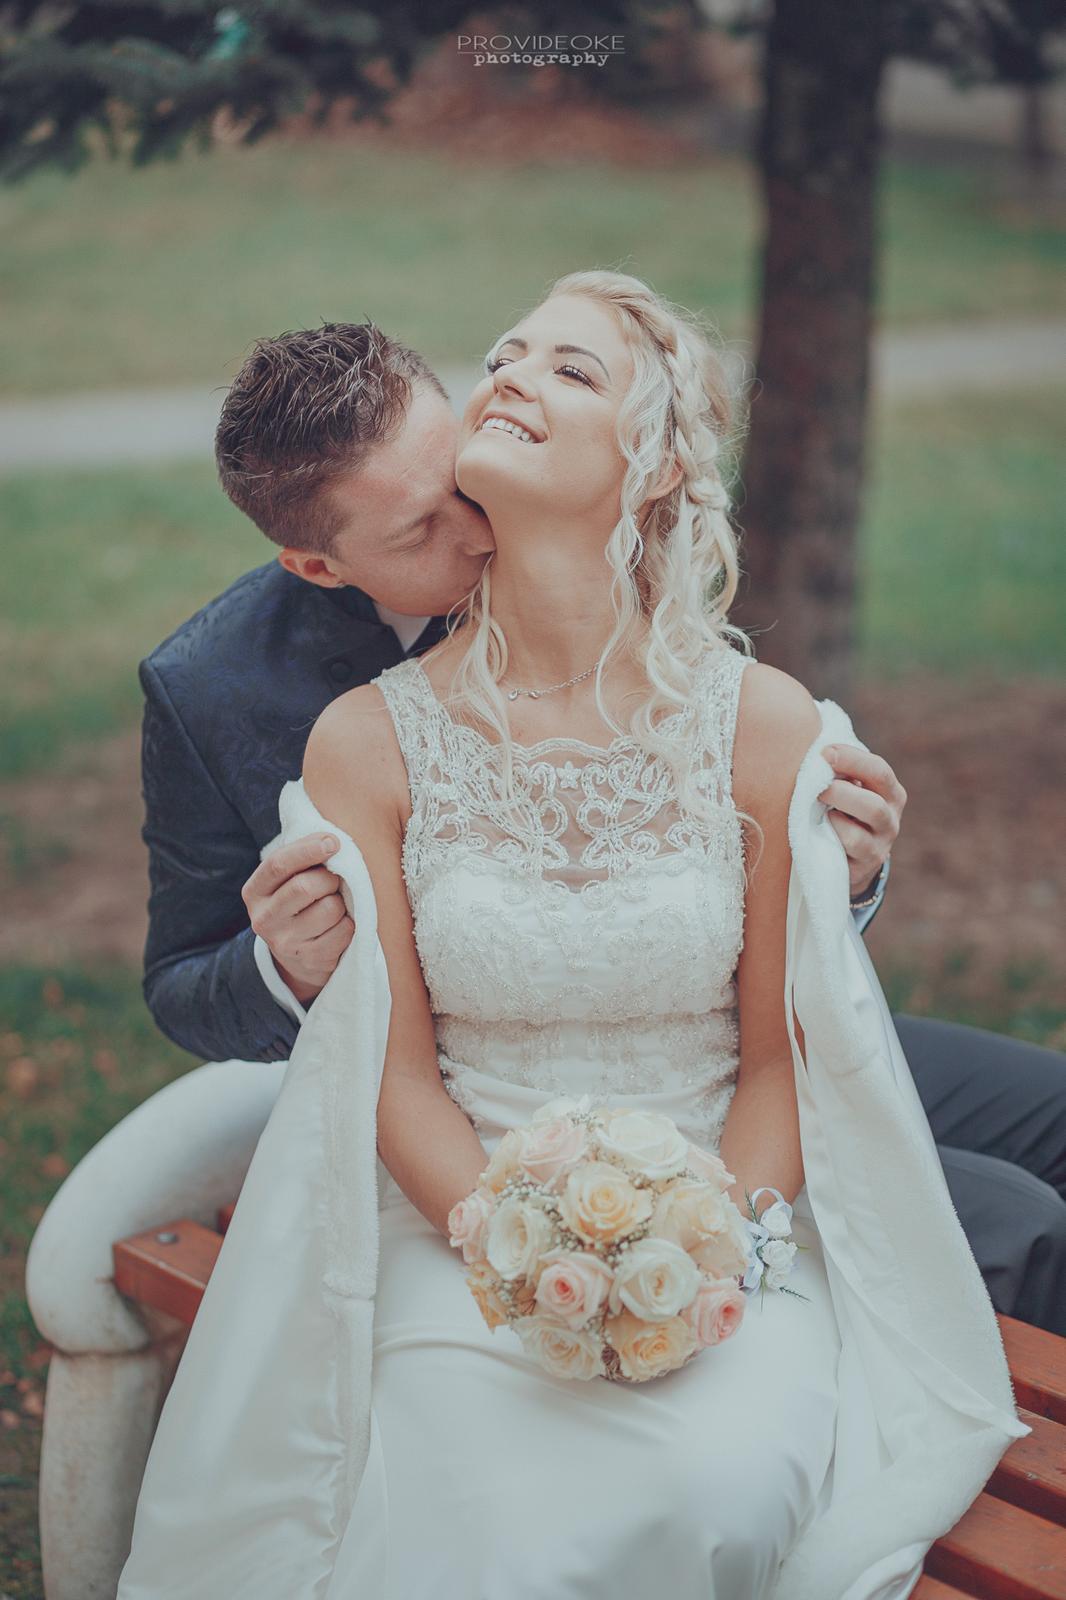 Svadobné príbehy ... - Obrázok č. 1